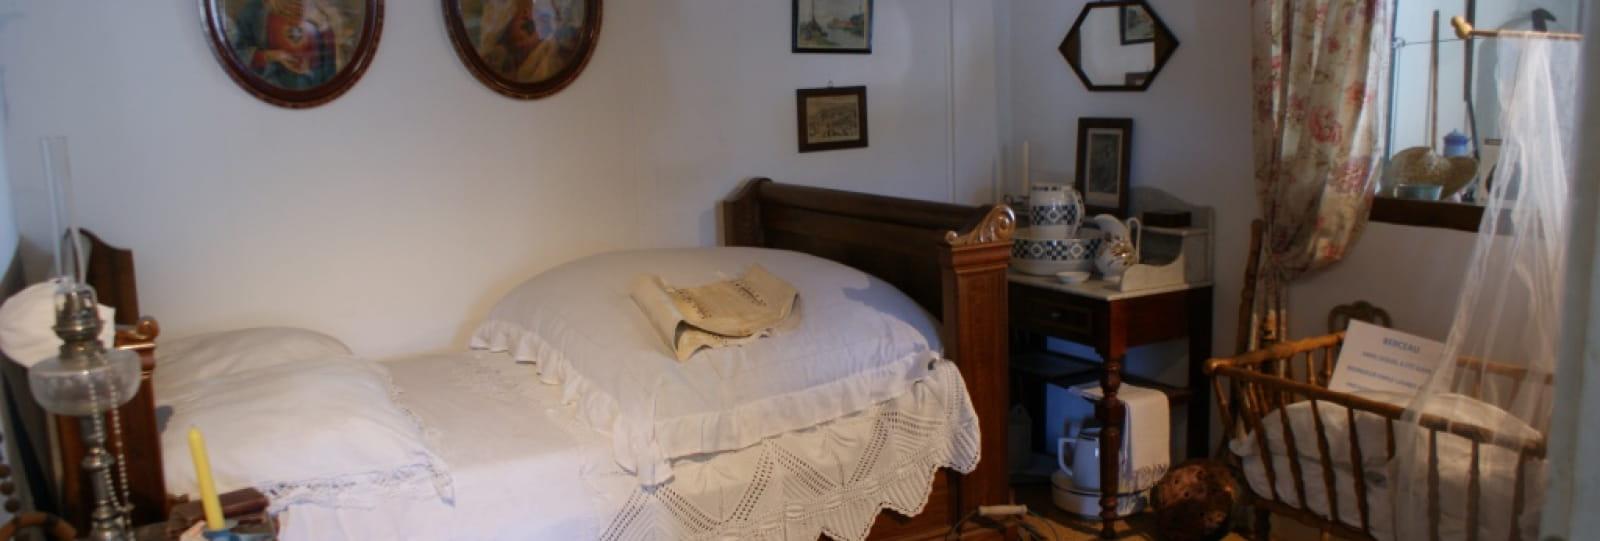 Chambre à Coucher - Mémoire Agricole du Pays de Grignan